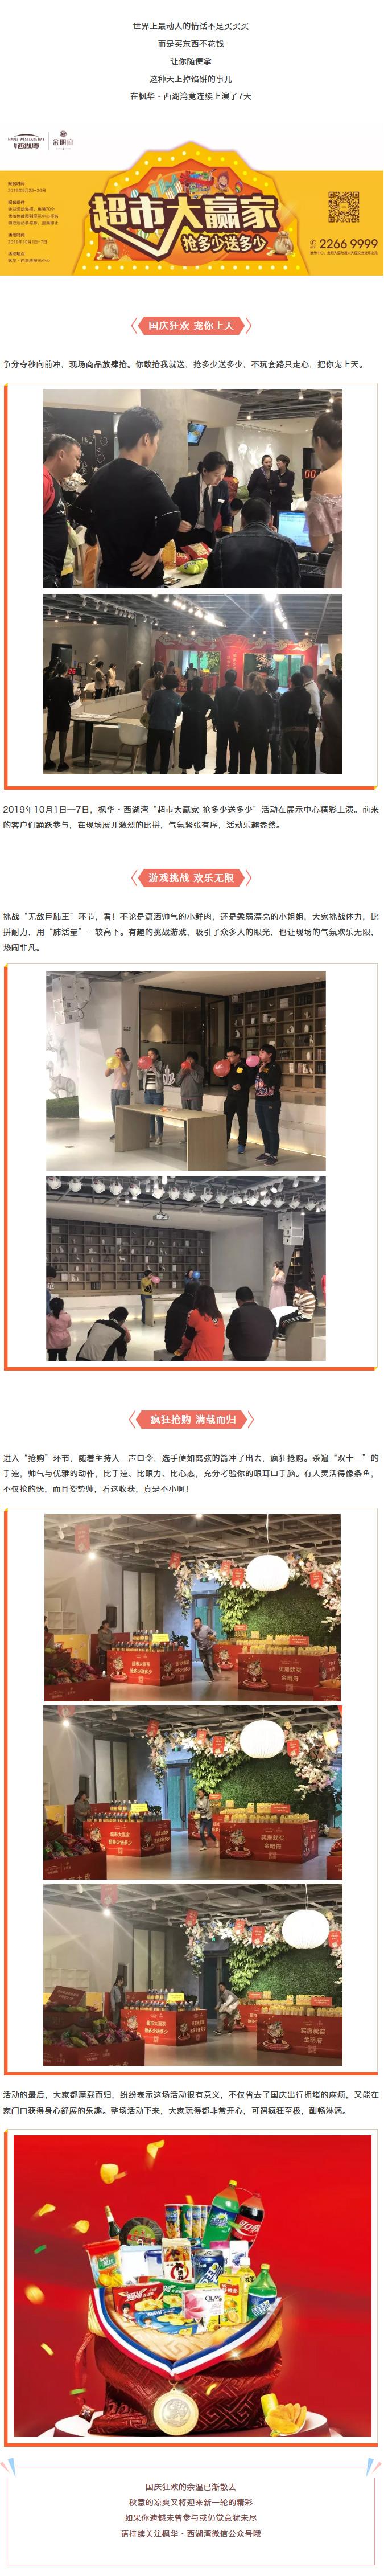 国庆七天乐 超市大赢家.jpg